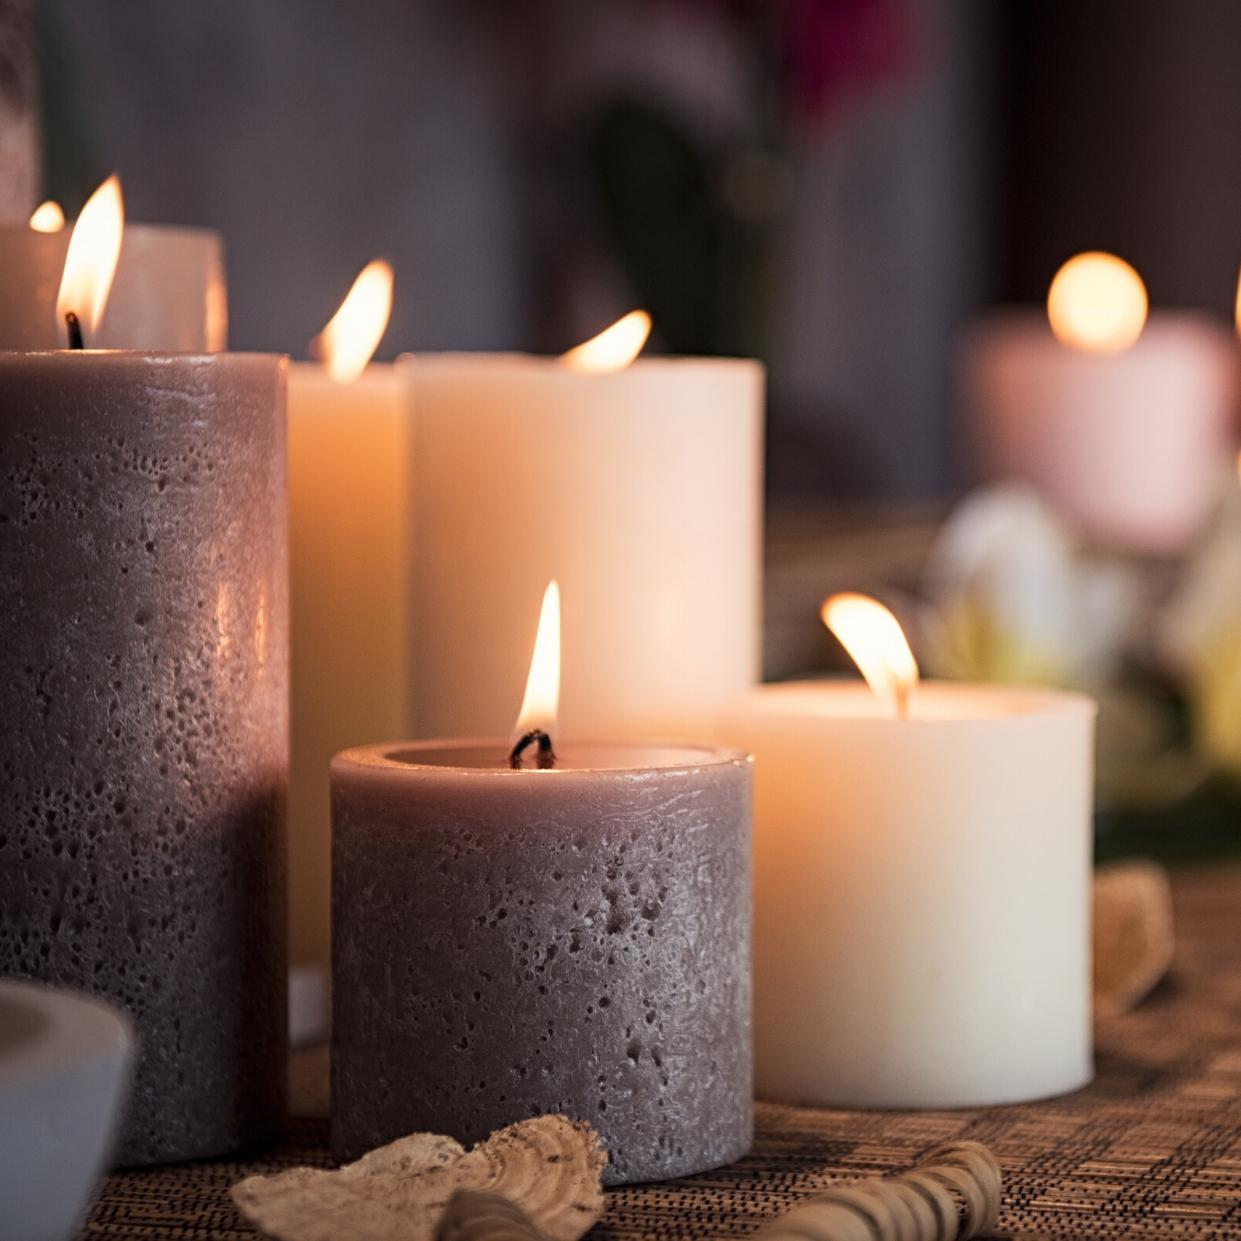 DMG Candles